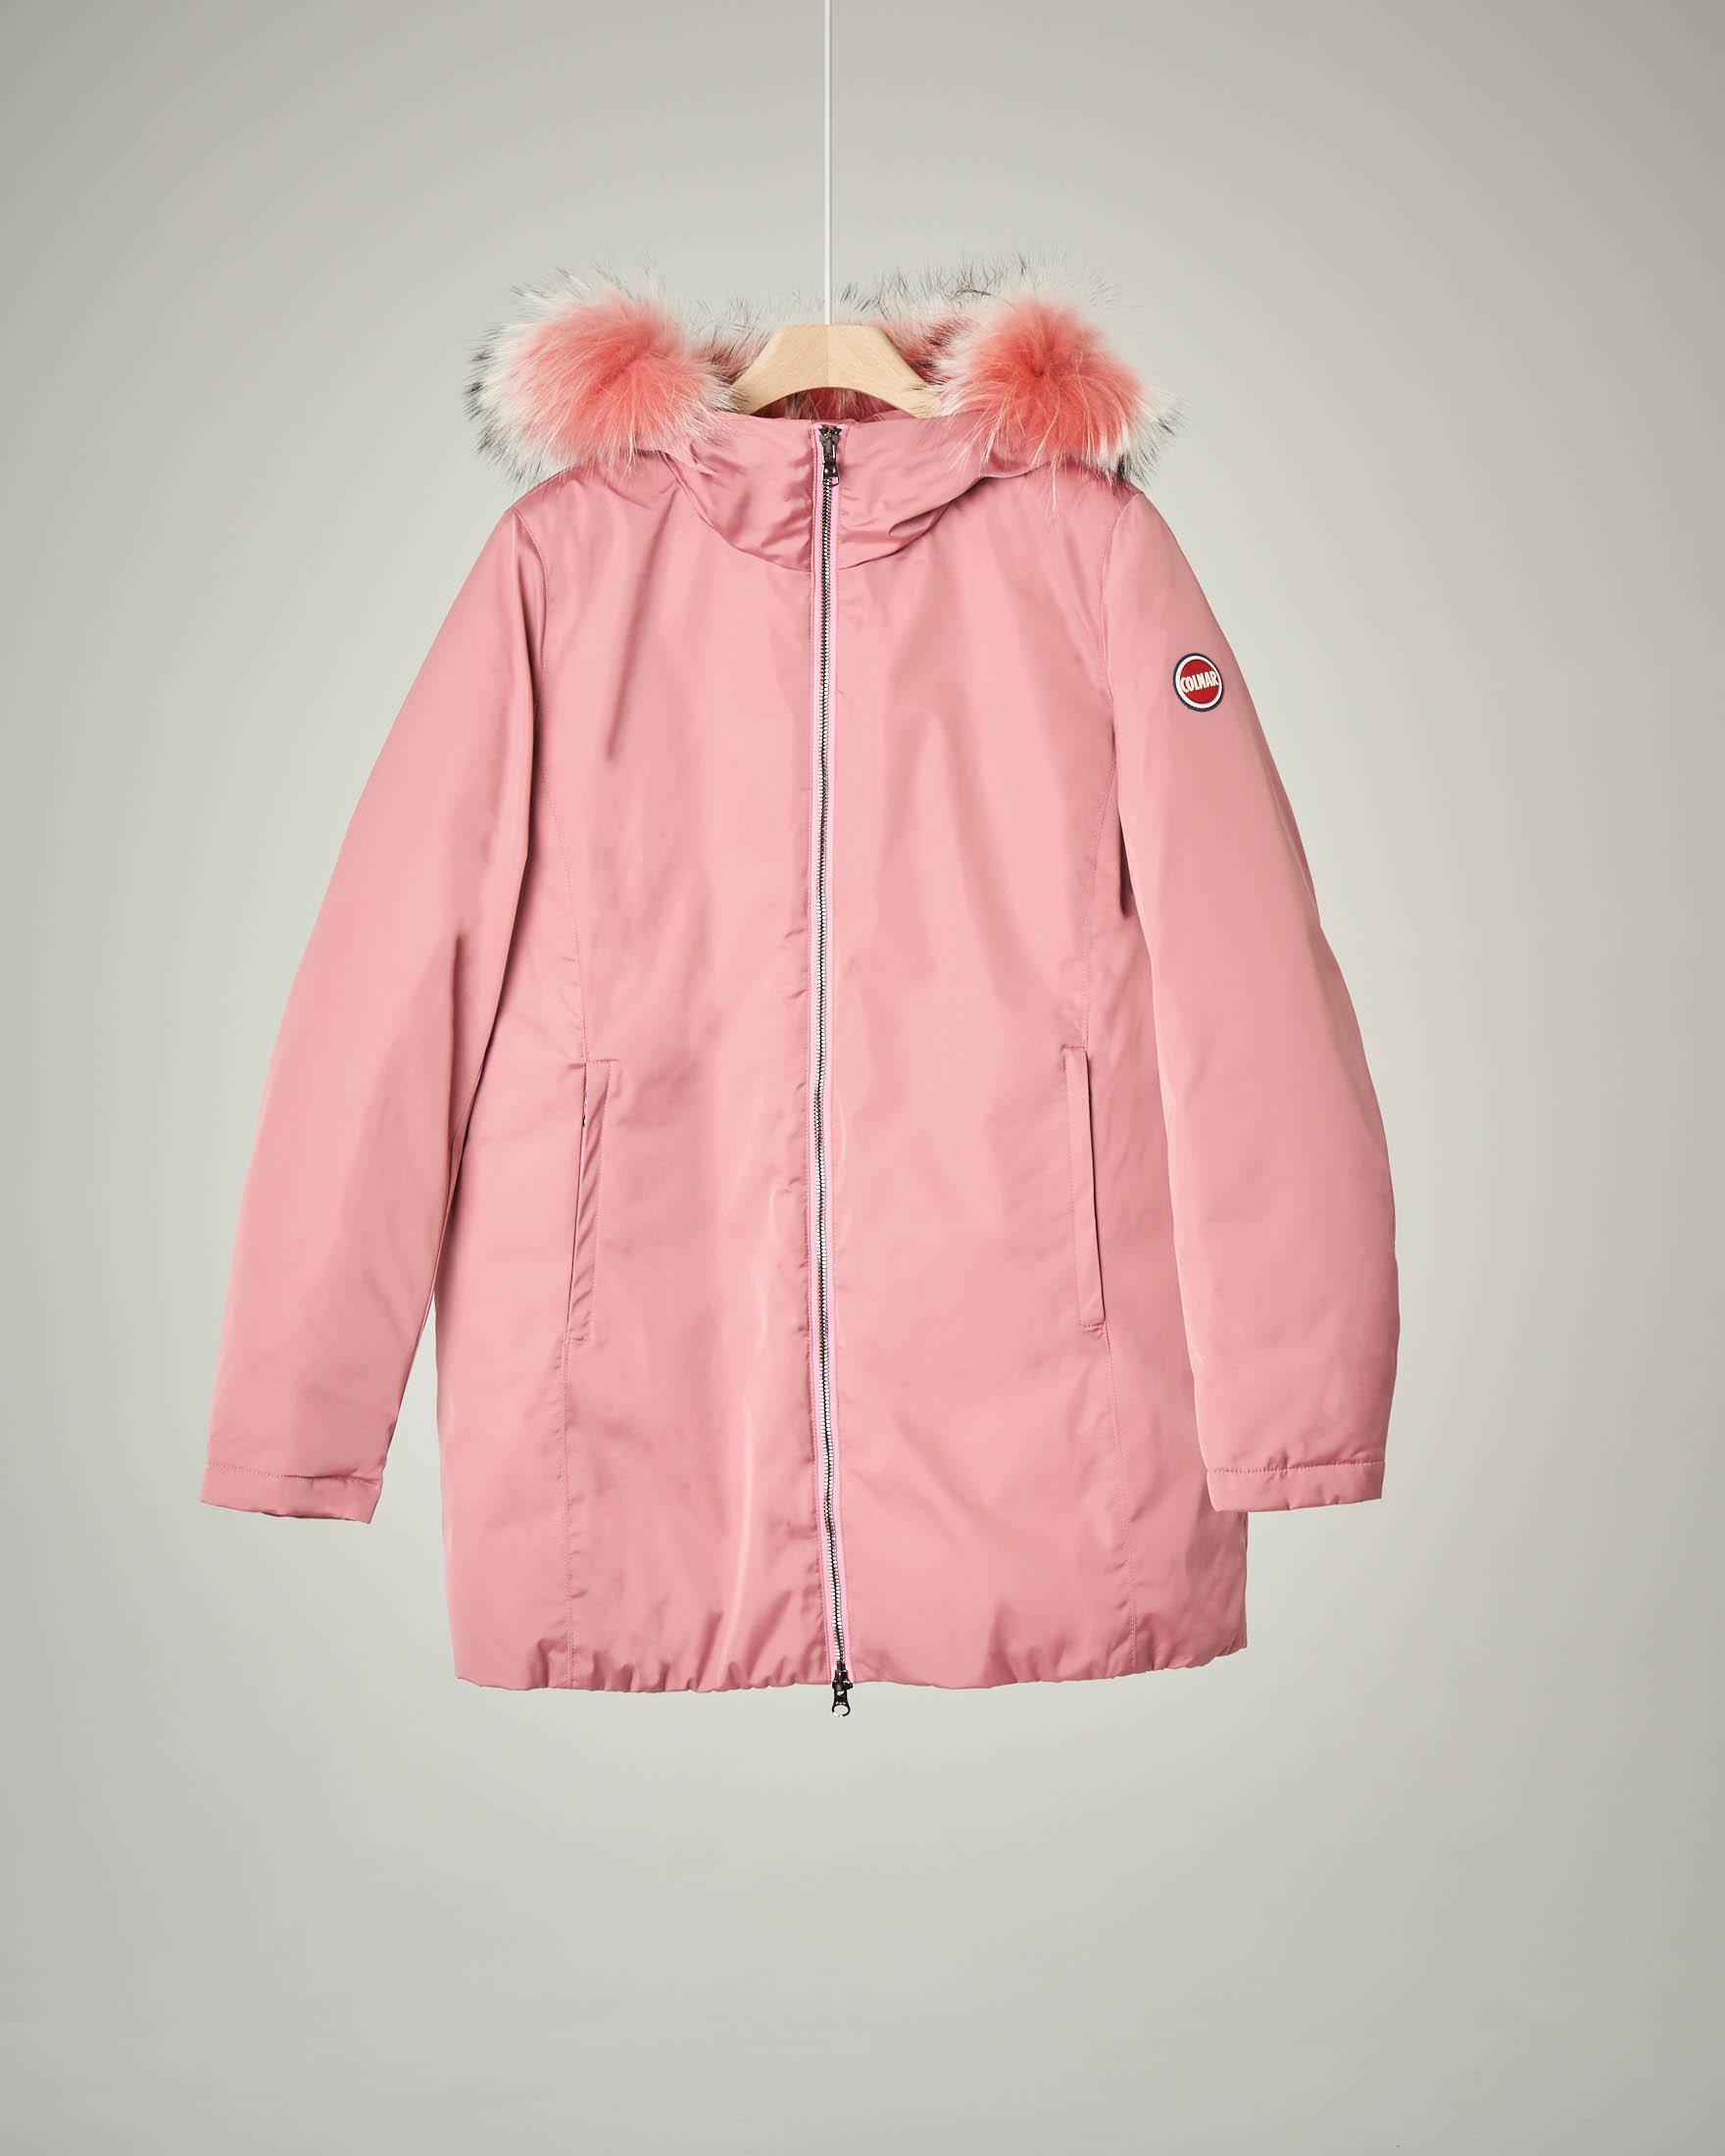 Cappotto rosa con cappuccio e pelliccia 12 16 anni | Pellizzari E commerce